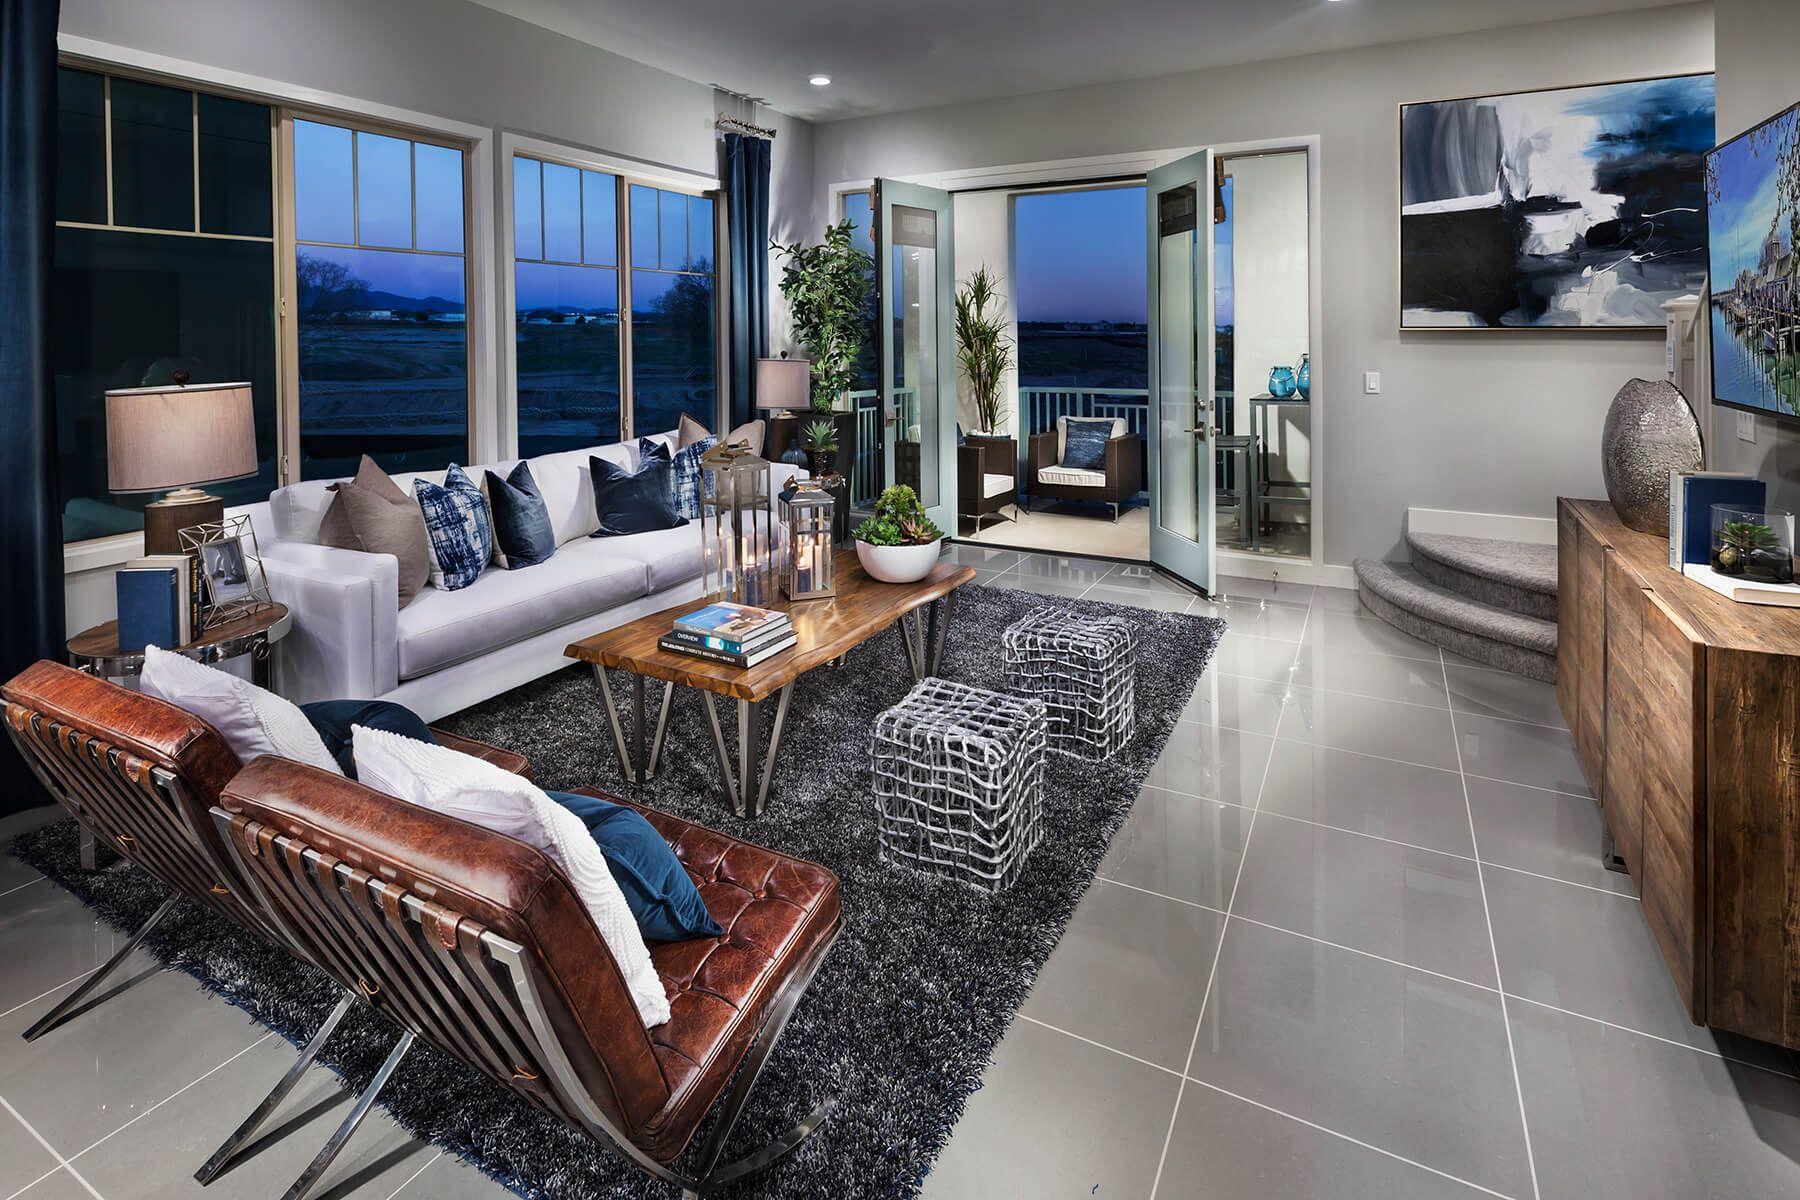 Ambrosia Interior Design Interior Design New Homes New Home